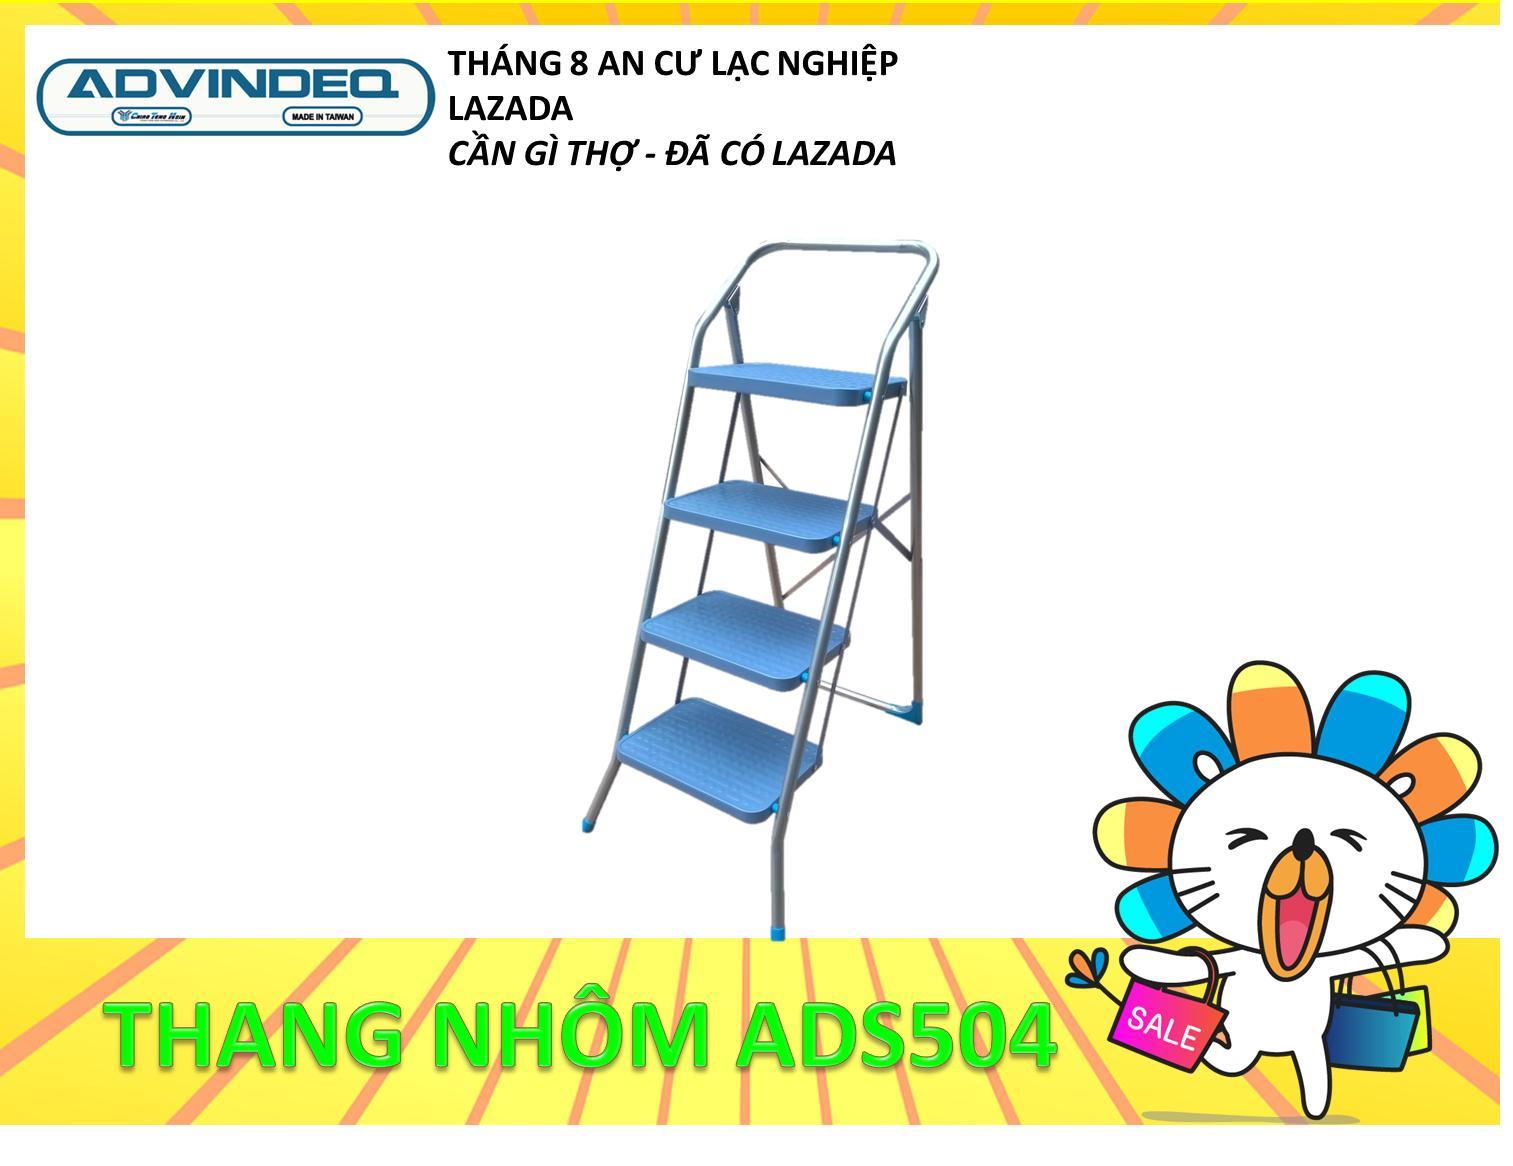 Hình ảnh Thang ghế 4 bậc Advindeq ADS504 (Bậc cao nhất: 95cm)